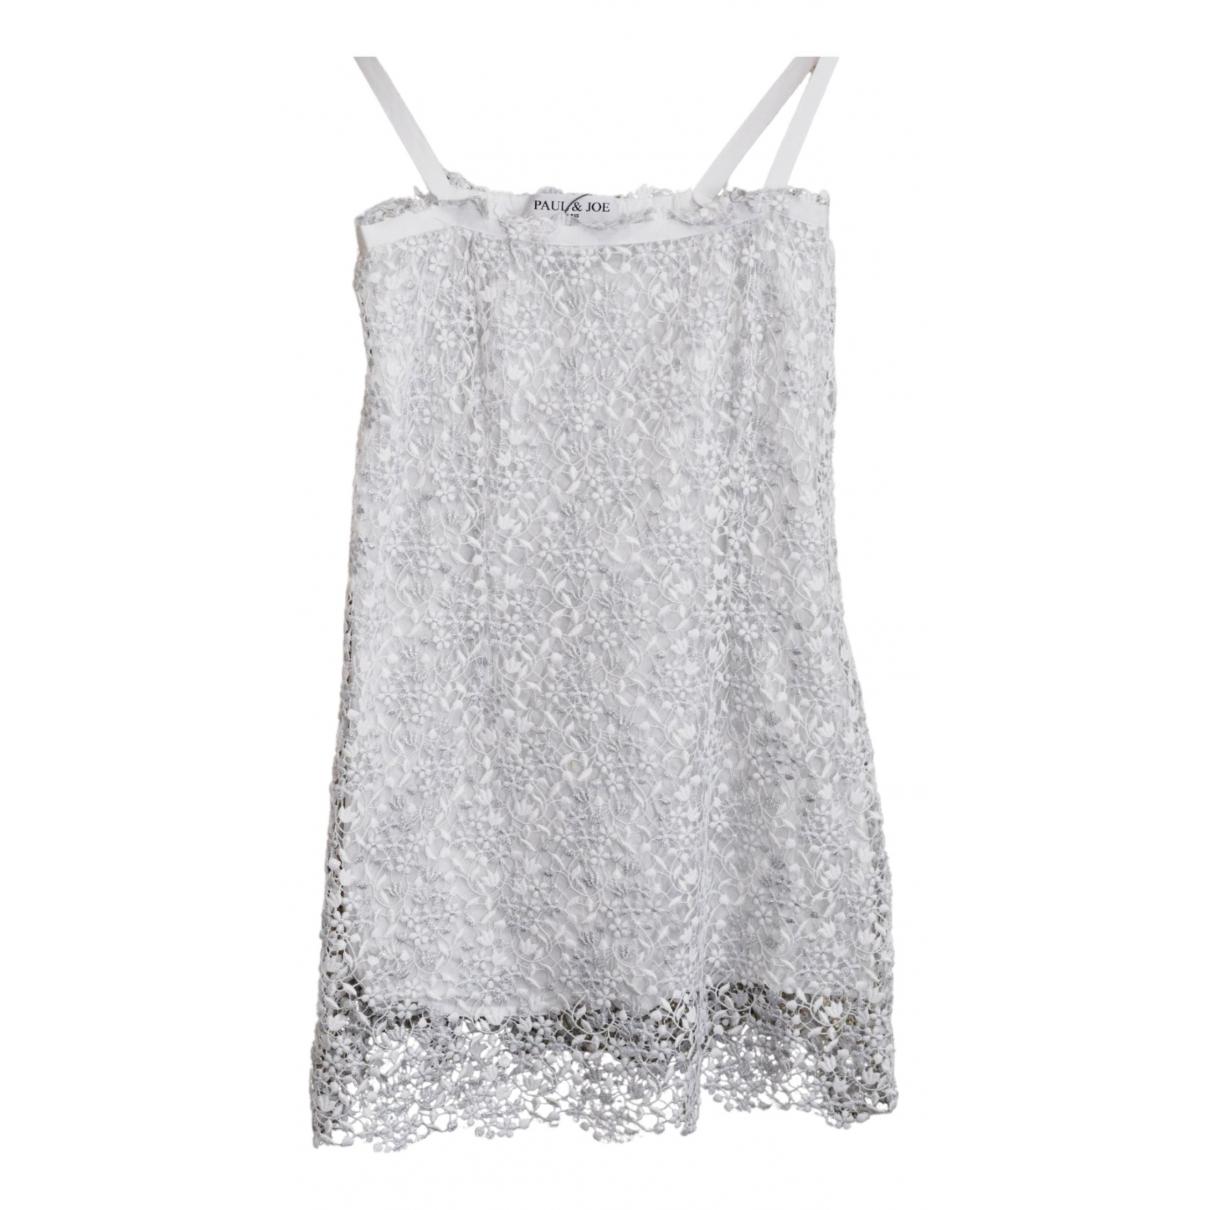 Paul & Joe \N White dress for Women 40 FR